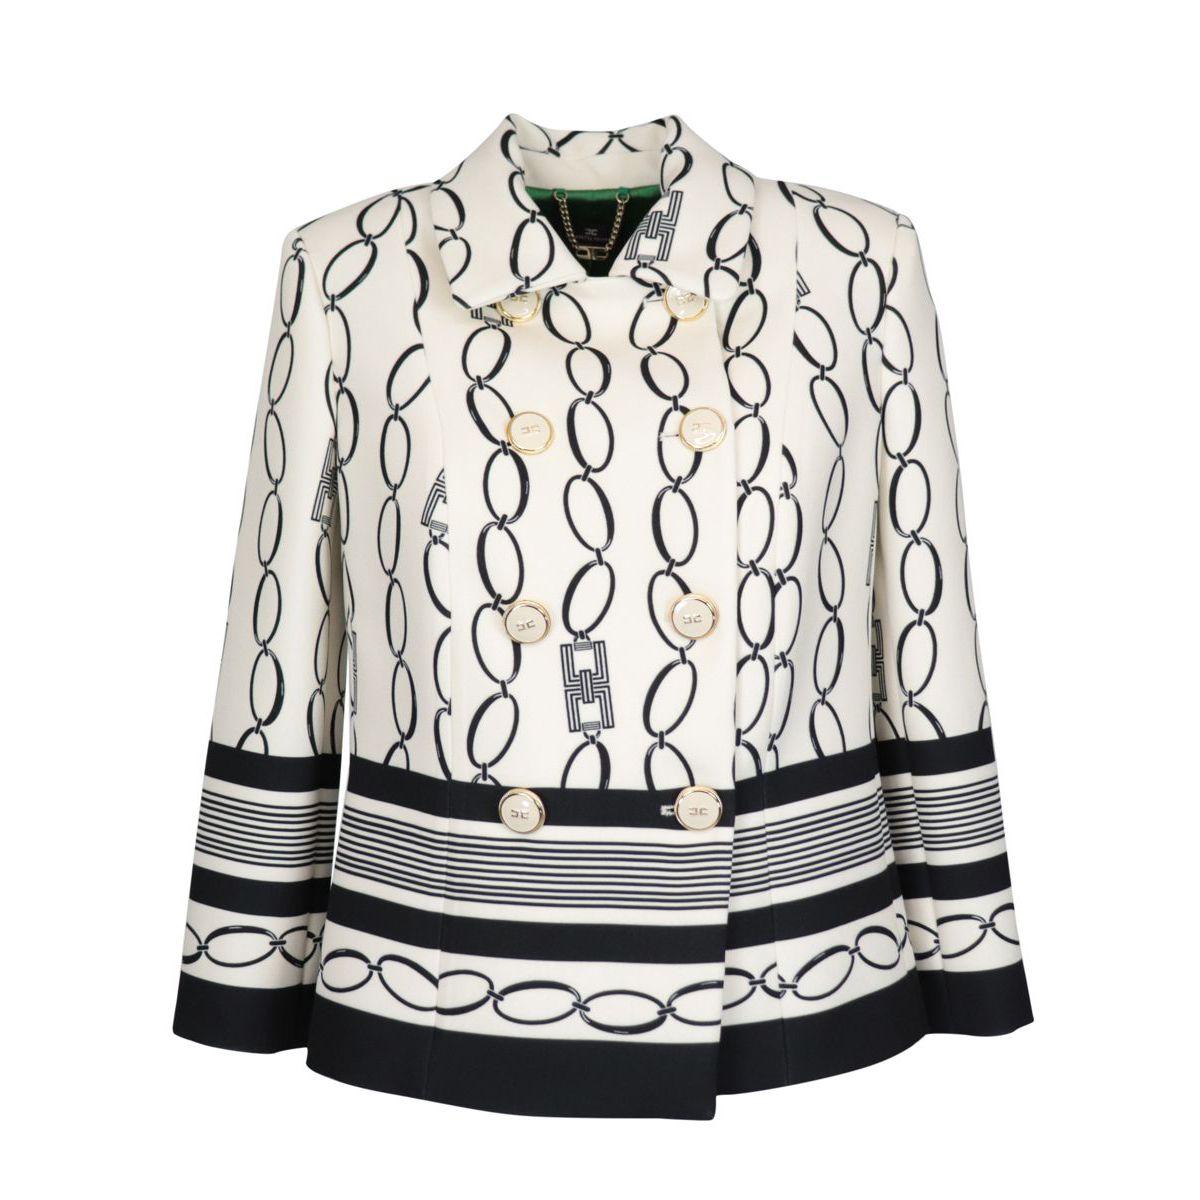 Giacca doppiopetto in crêpe con stampa catene Bianco/nero Elisabetta Franchi